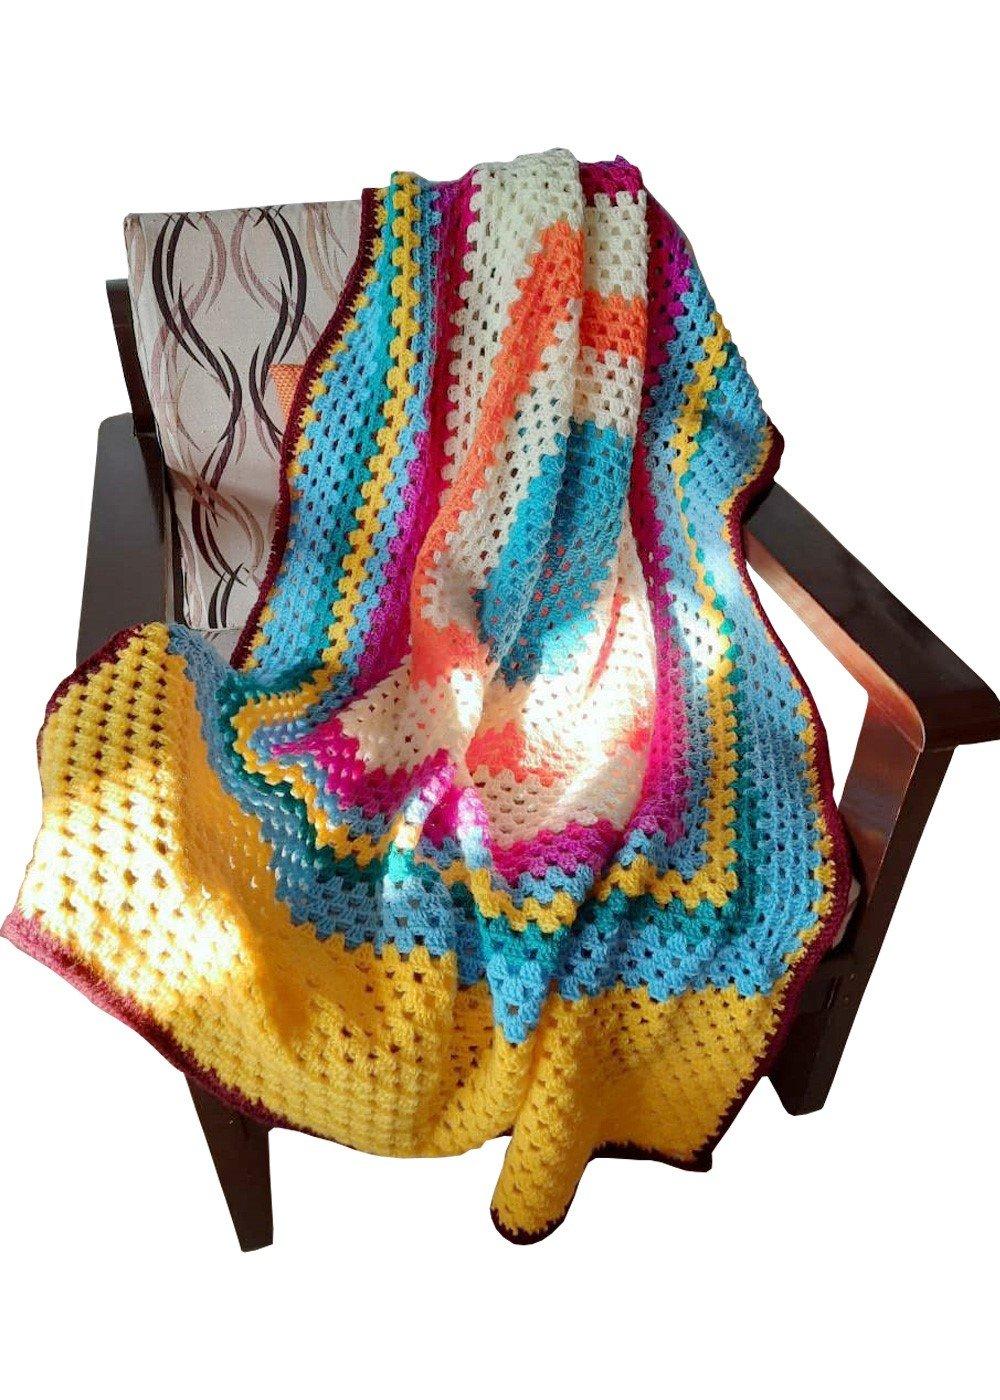 Hand Crochet Square Pattern Blanket